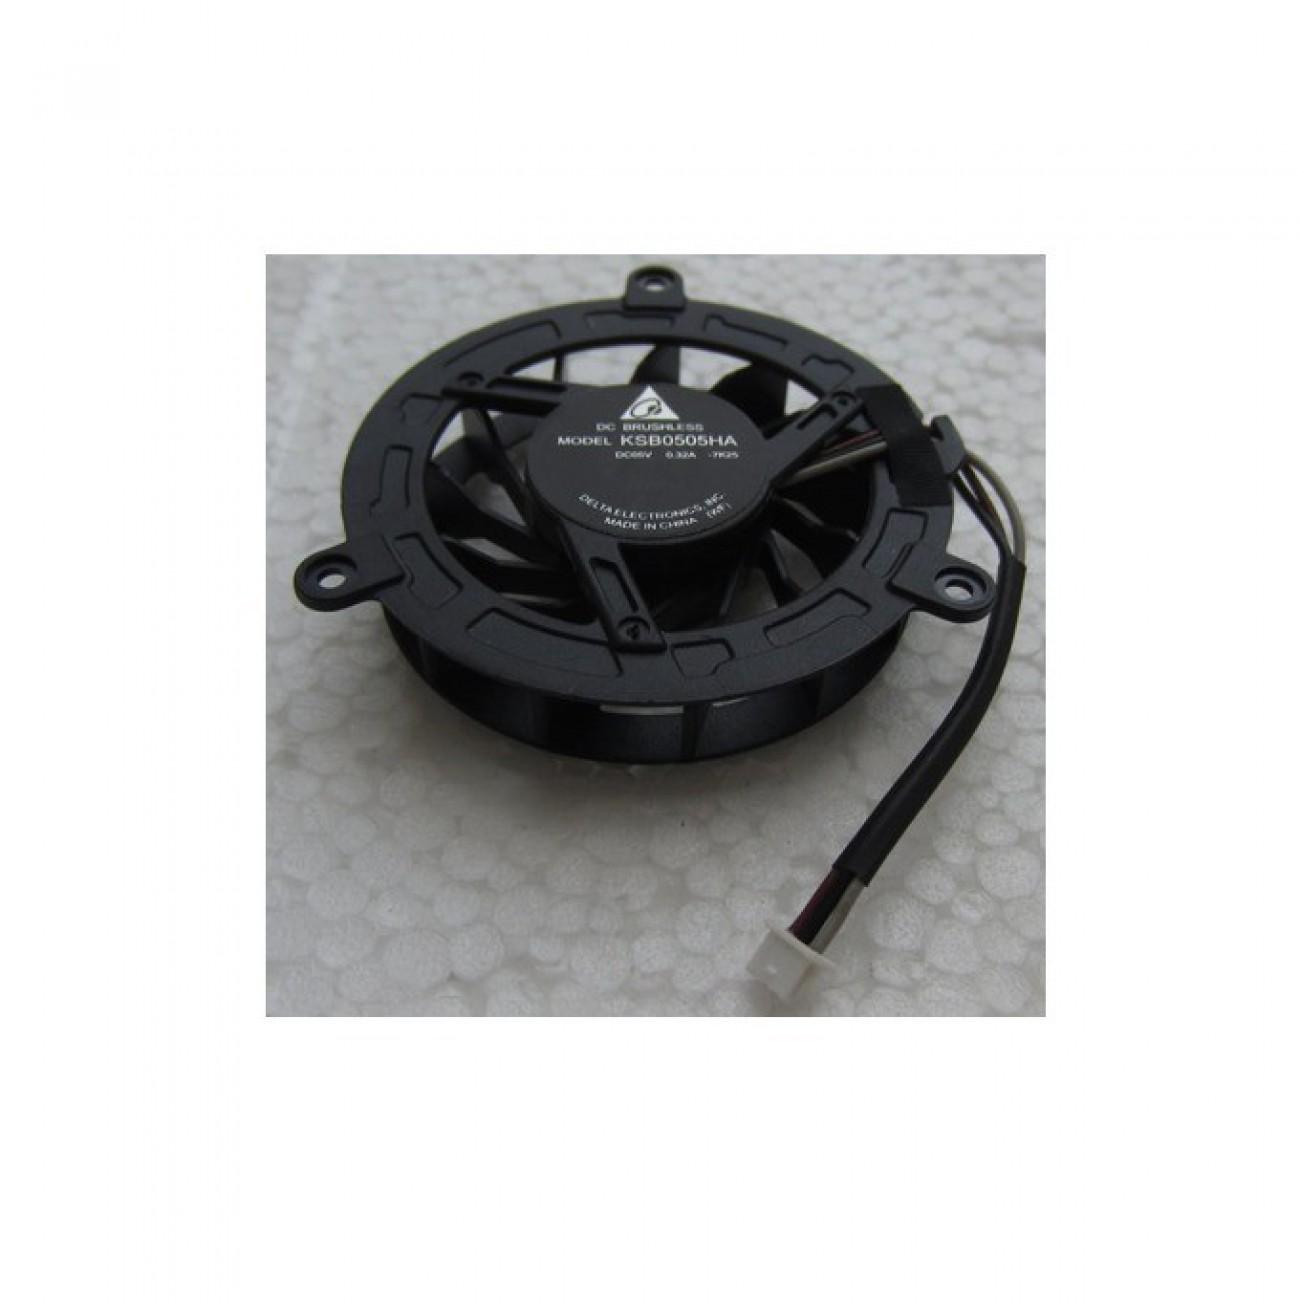 Вентилатор за лаптоп, Toshiba Satellite A300, M300, M301, M302, M305, M306, M307, M308, FAN BLADE в Резервни части -  | Alleop